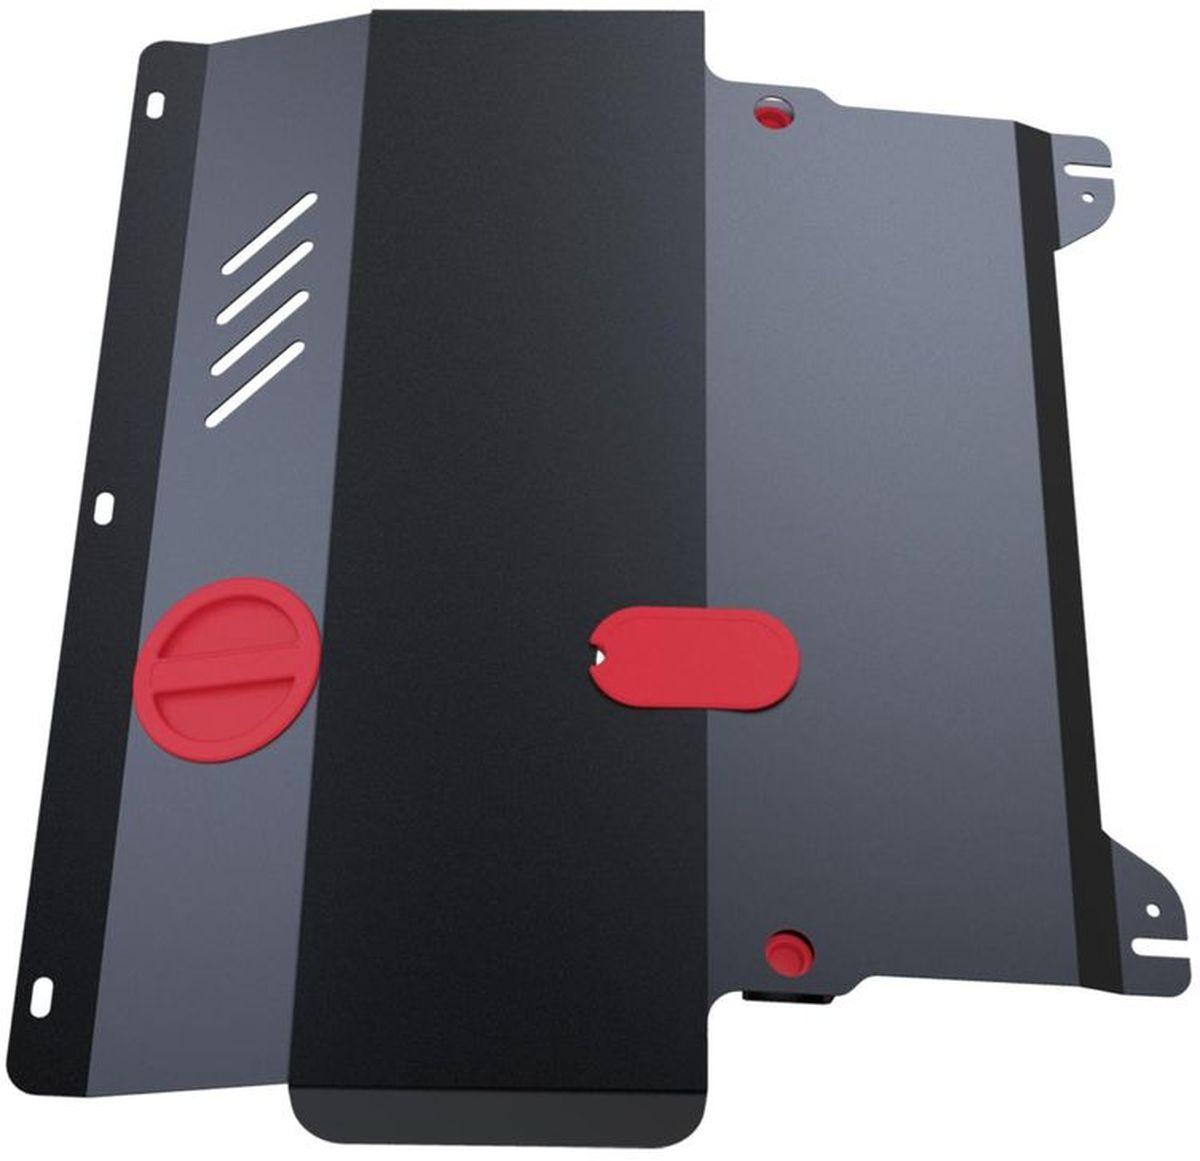 Защита картера Автоброня, для Nissan Primera P12, V - Все (2002-2008)111.04128.1Технологически совершенный продукт за невысокую стоимость. Защита разработана с учетом особенностей днища автомобиля, что позволяет сохранить дорожный просвет с минимальным изменением. Защита устанавливается в штатные места кузова автомобиля. Глубокий штамп обеспечивает до двух раз больше жесткости в сравнении с обычной защитой той же толщины. Проштампованные ребра жесткости препятствуют деформации защиты при ударах. Тепловой зазор и вентиляционные отверстия обеспечивают сохранение температурного режима двигателя в норме. Скрытый крепеж предотвращает срыв крепежных элементов при наезде на препятствие. Шумопоглощающие резиновые элементы обеспечивают комфортную езду без вибраций и скрежета металла, а съемные лючки для слива масла и замены фильтра - экономию средств и время. Конструкция изделия не влияет на пассивную безопасность автомобиля (при ударе защита не воздействует на деформационные зоны кузова). Со штатным крепежом. В комплекте инструкция по установке....